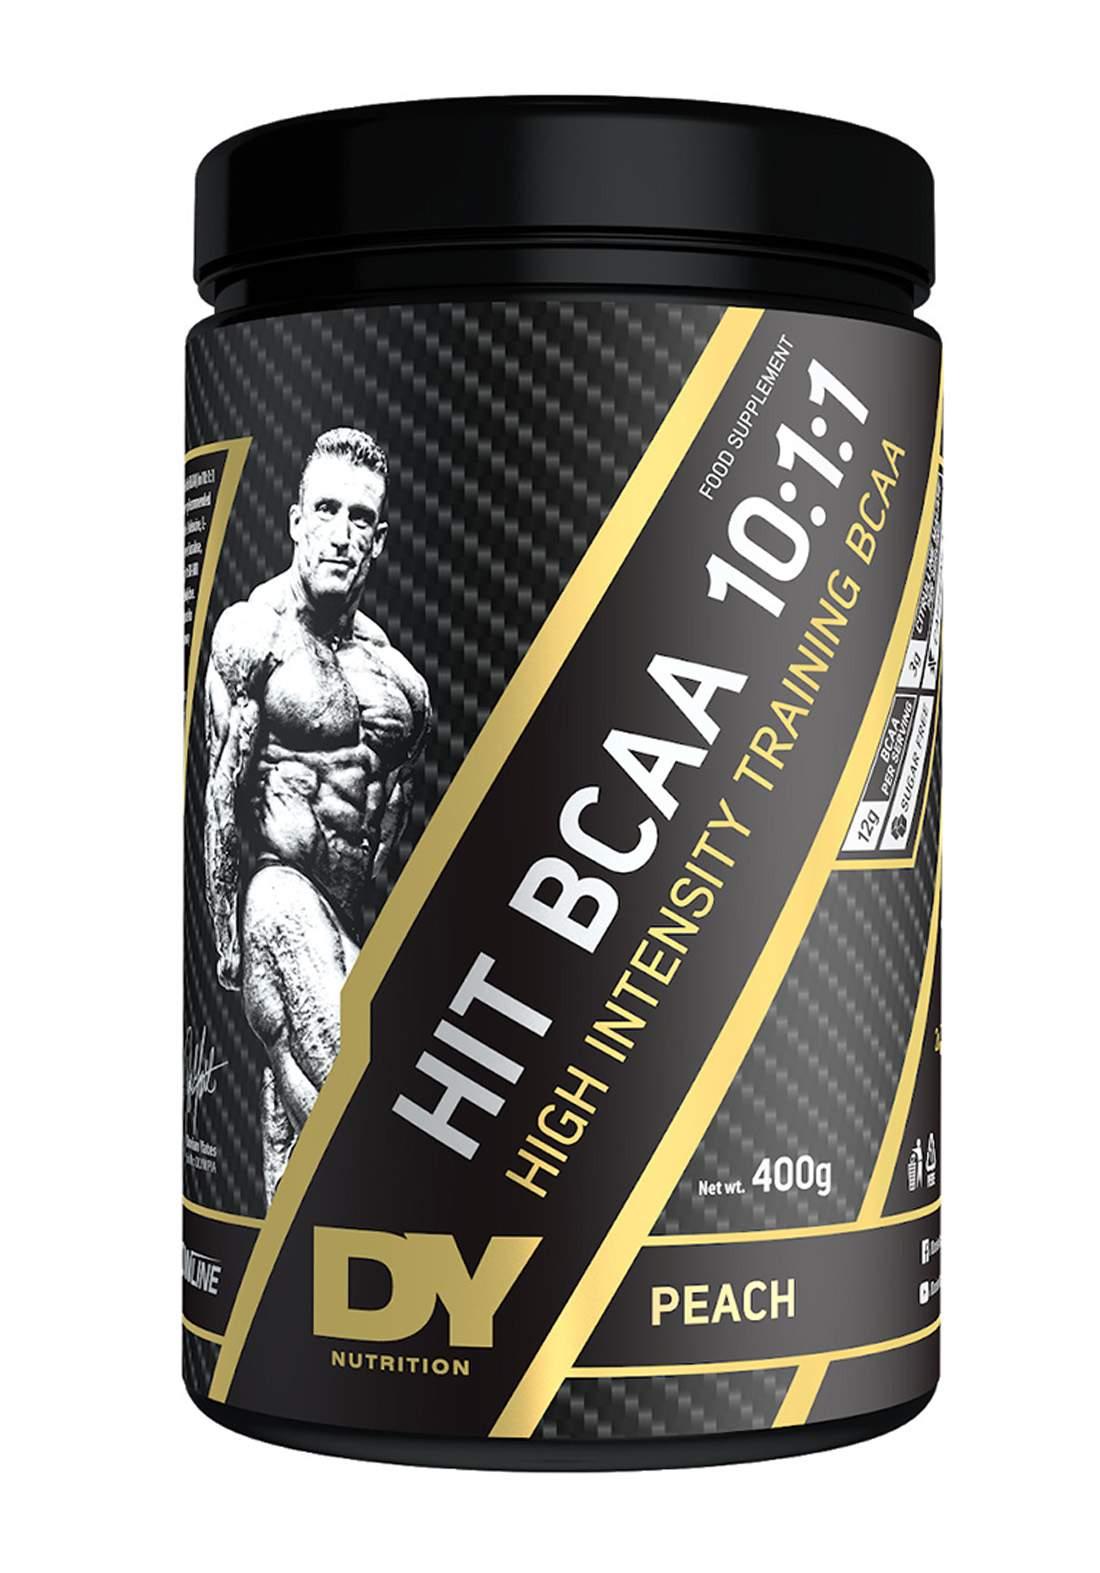 Dy Nutrition Hit Bcaa 10:1:1 Peach Flavor 400g مكمل غذائي بنكهة الخوخ